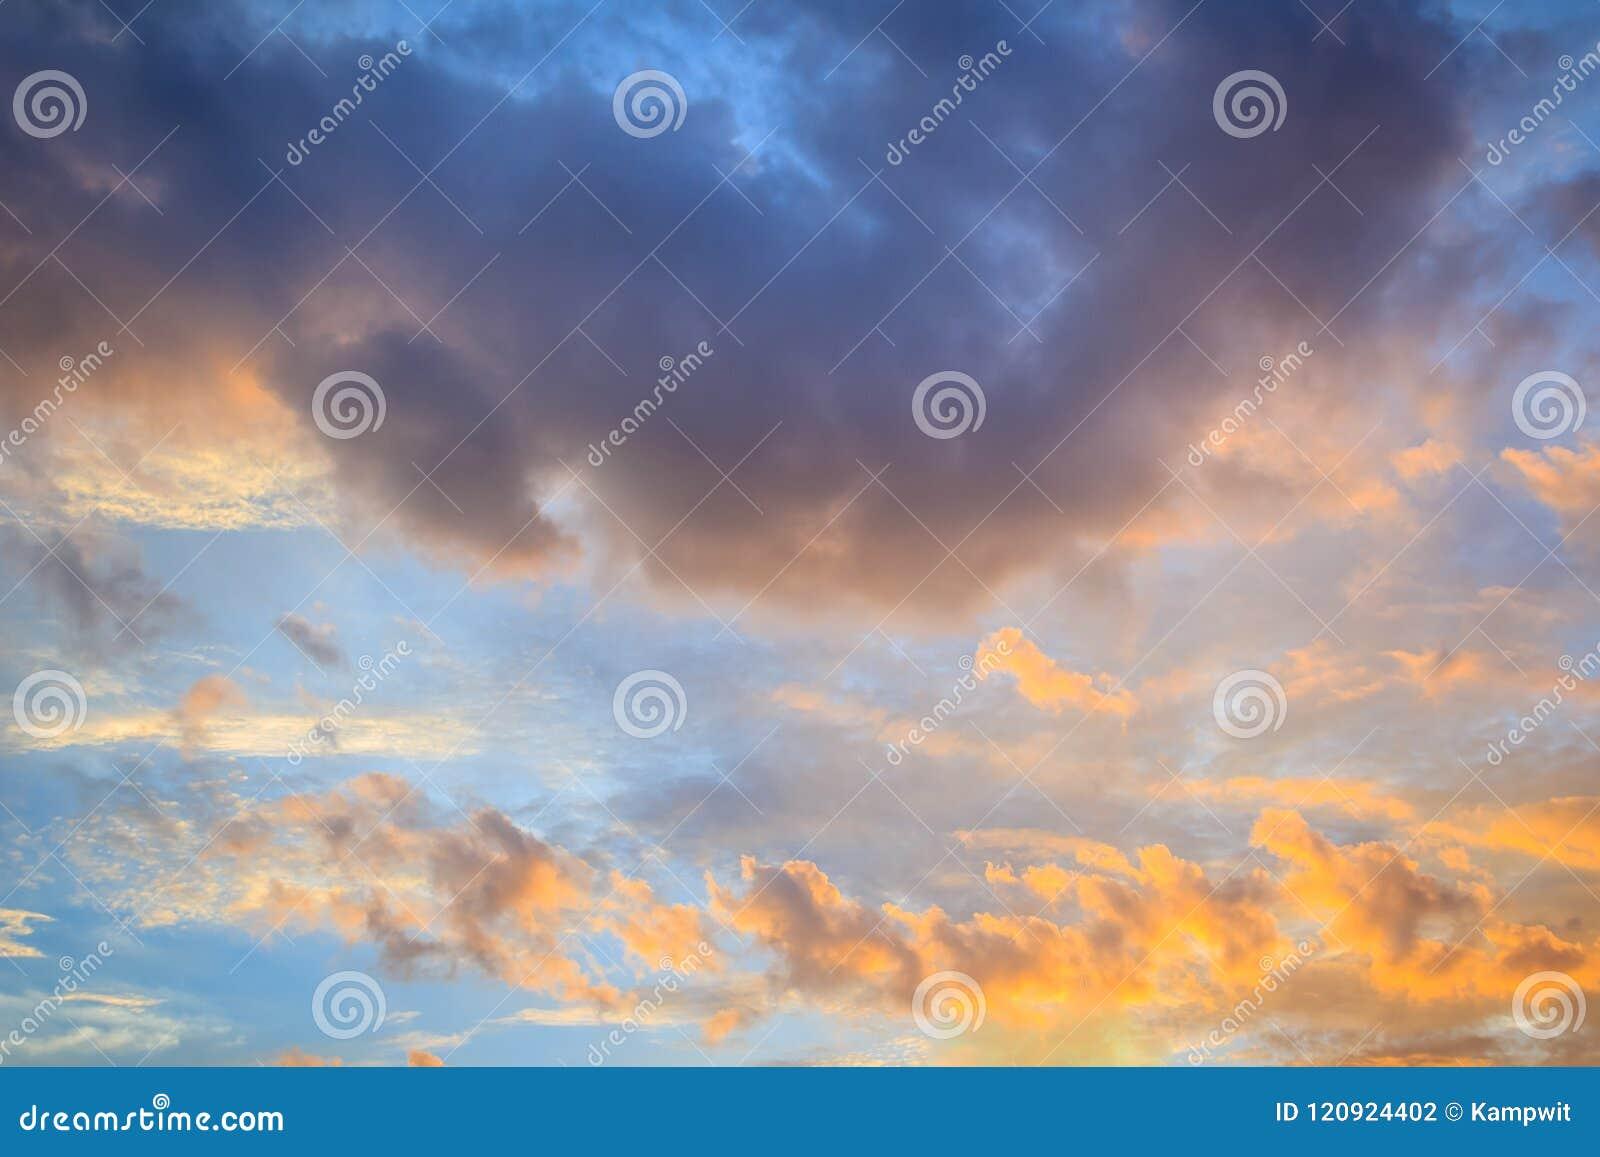 Rode wolk en blauwe hemelachtergrond De dramatische zonsonderganghemel begon van blauw in sinaasappel te veranderen